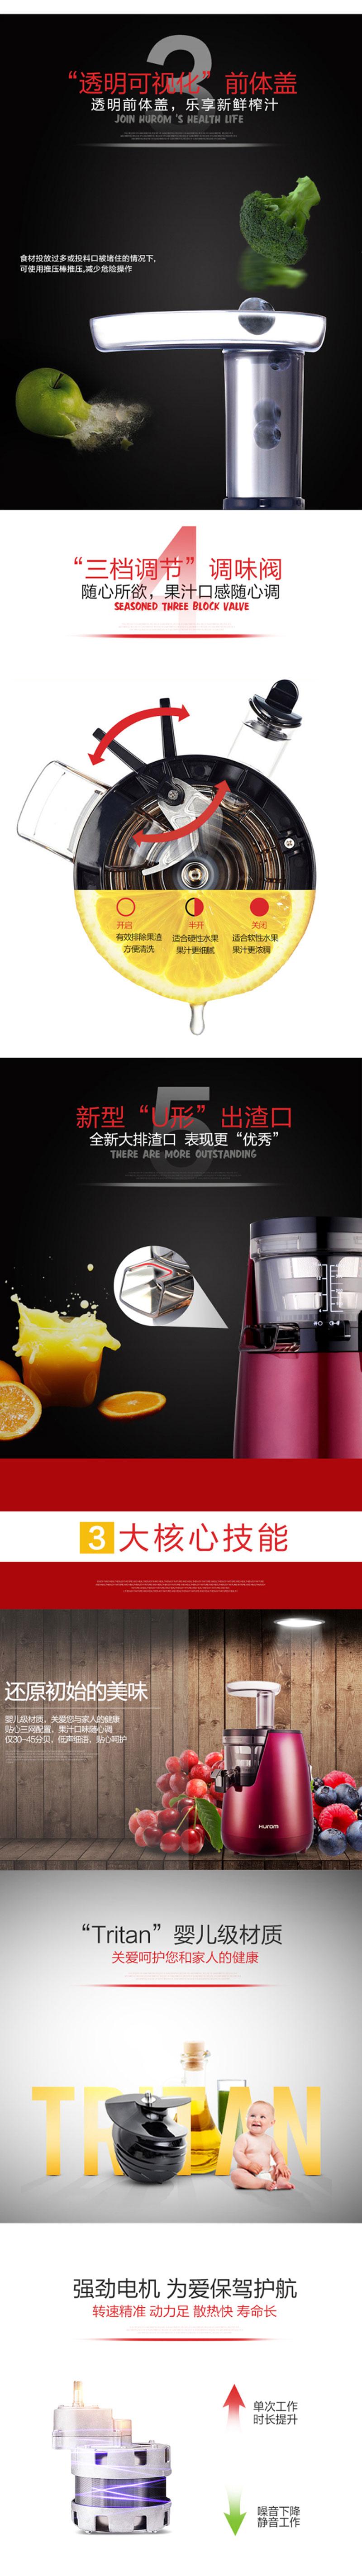 惠人(HUROM) 原装进口三代原汁机 家用低速榨汁机 三代高端HU14WN3L酒 红色